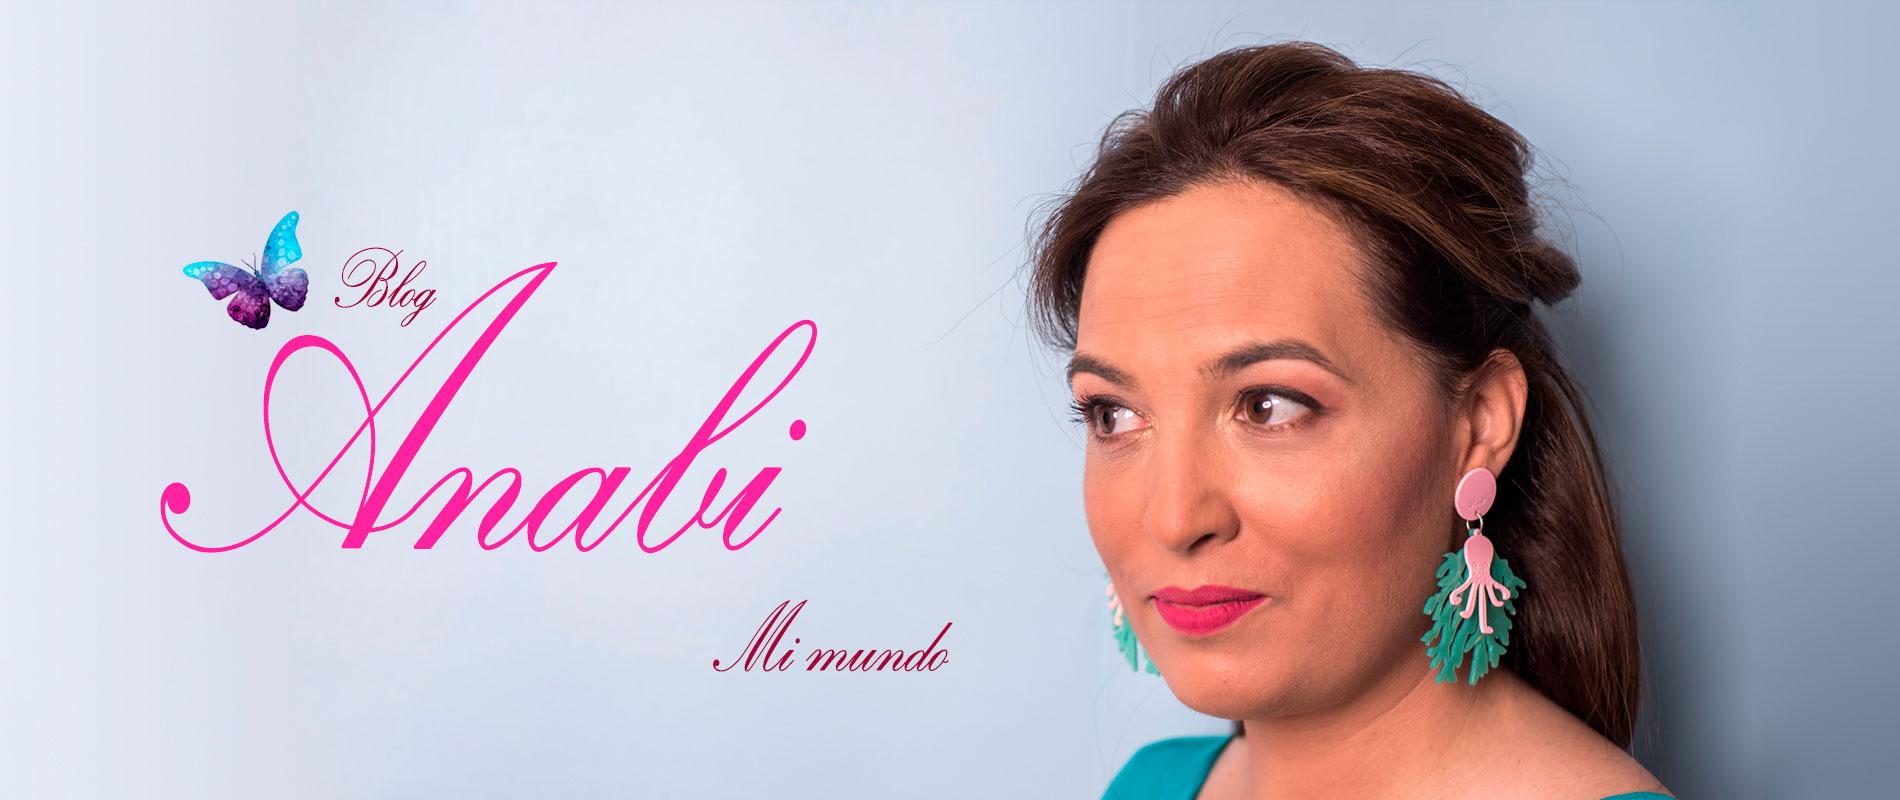 anabi blog